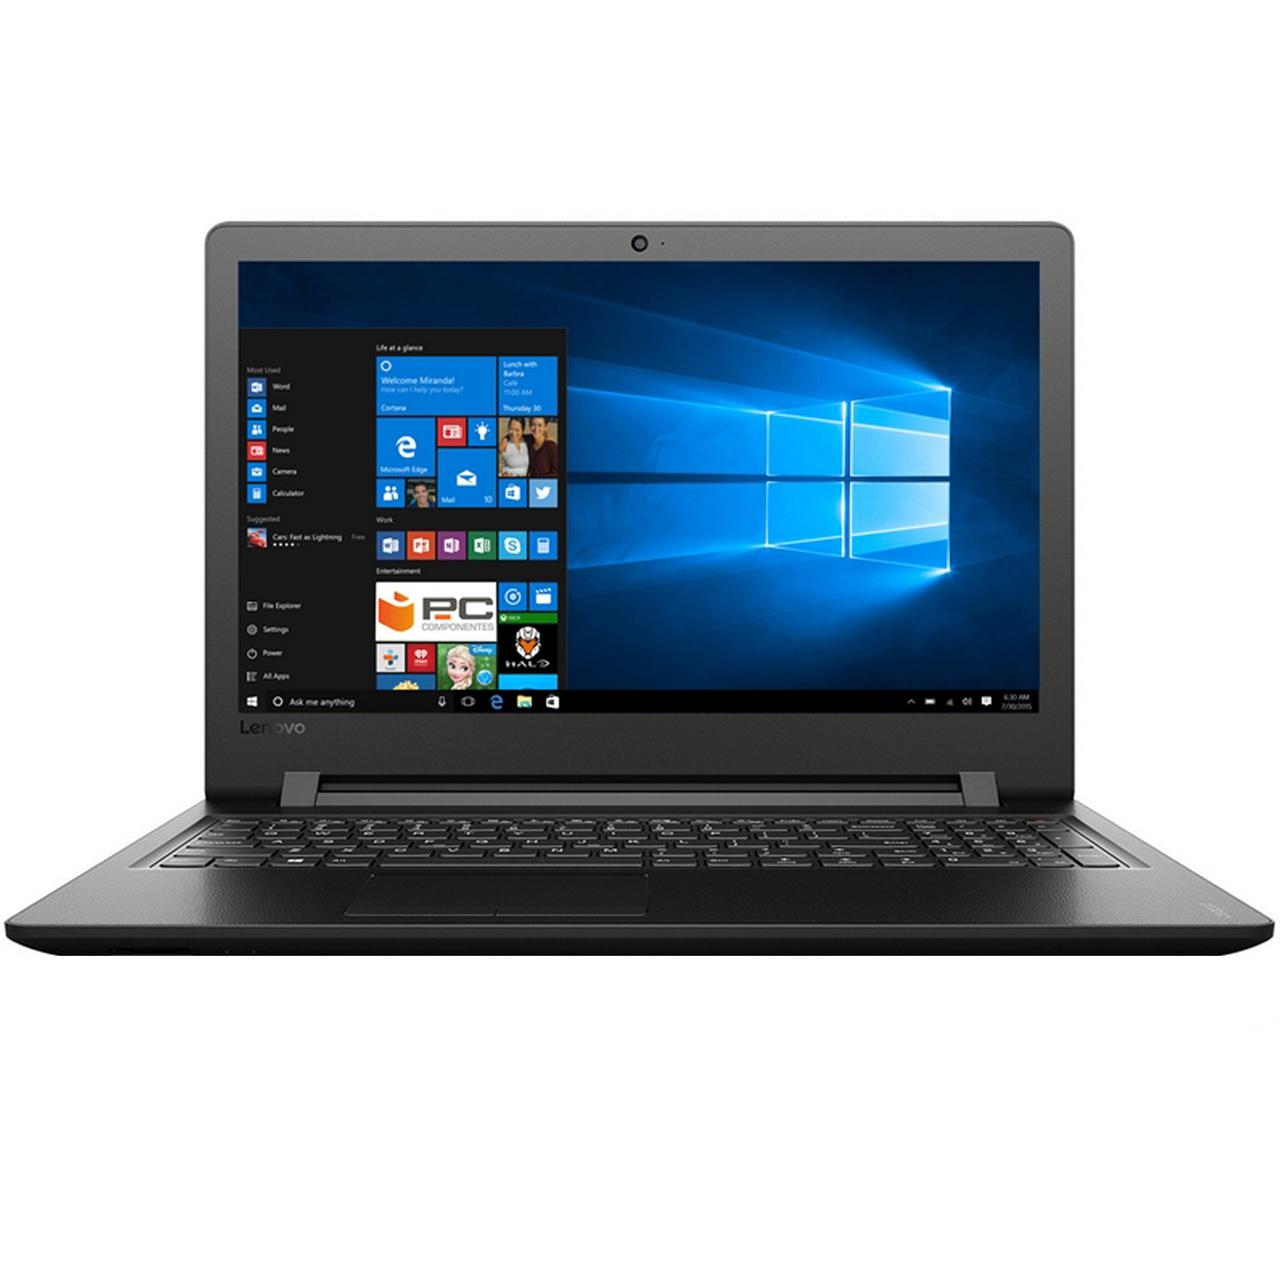 لپ تاپ 15 اینچی لنوو مدل Ideapad 110 - PC